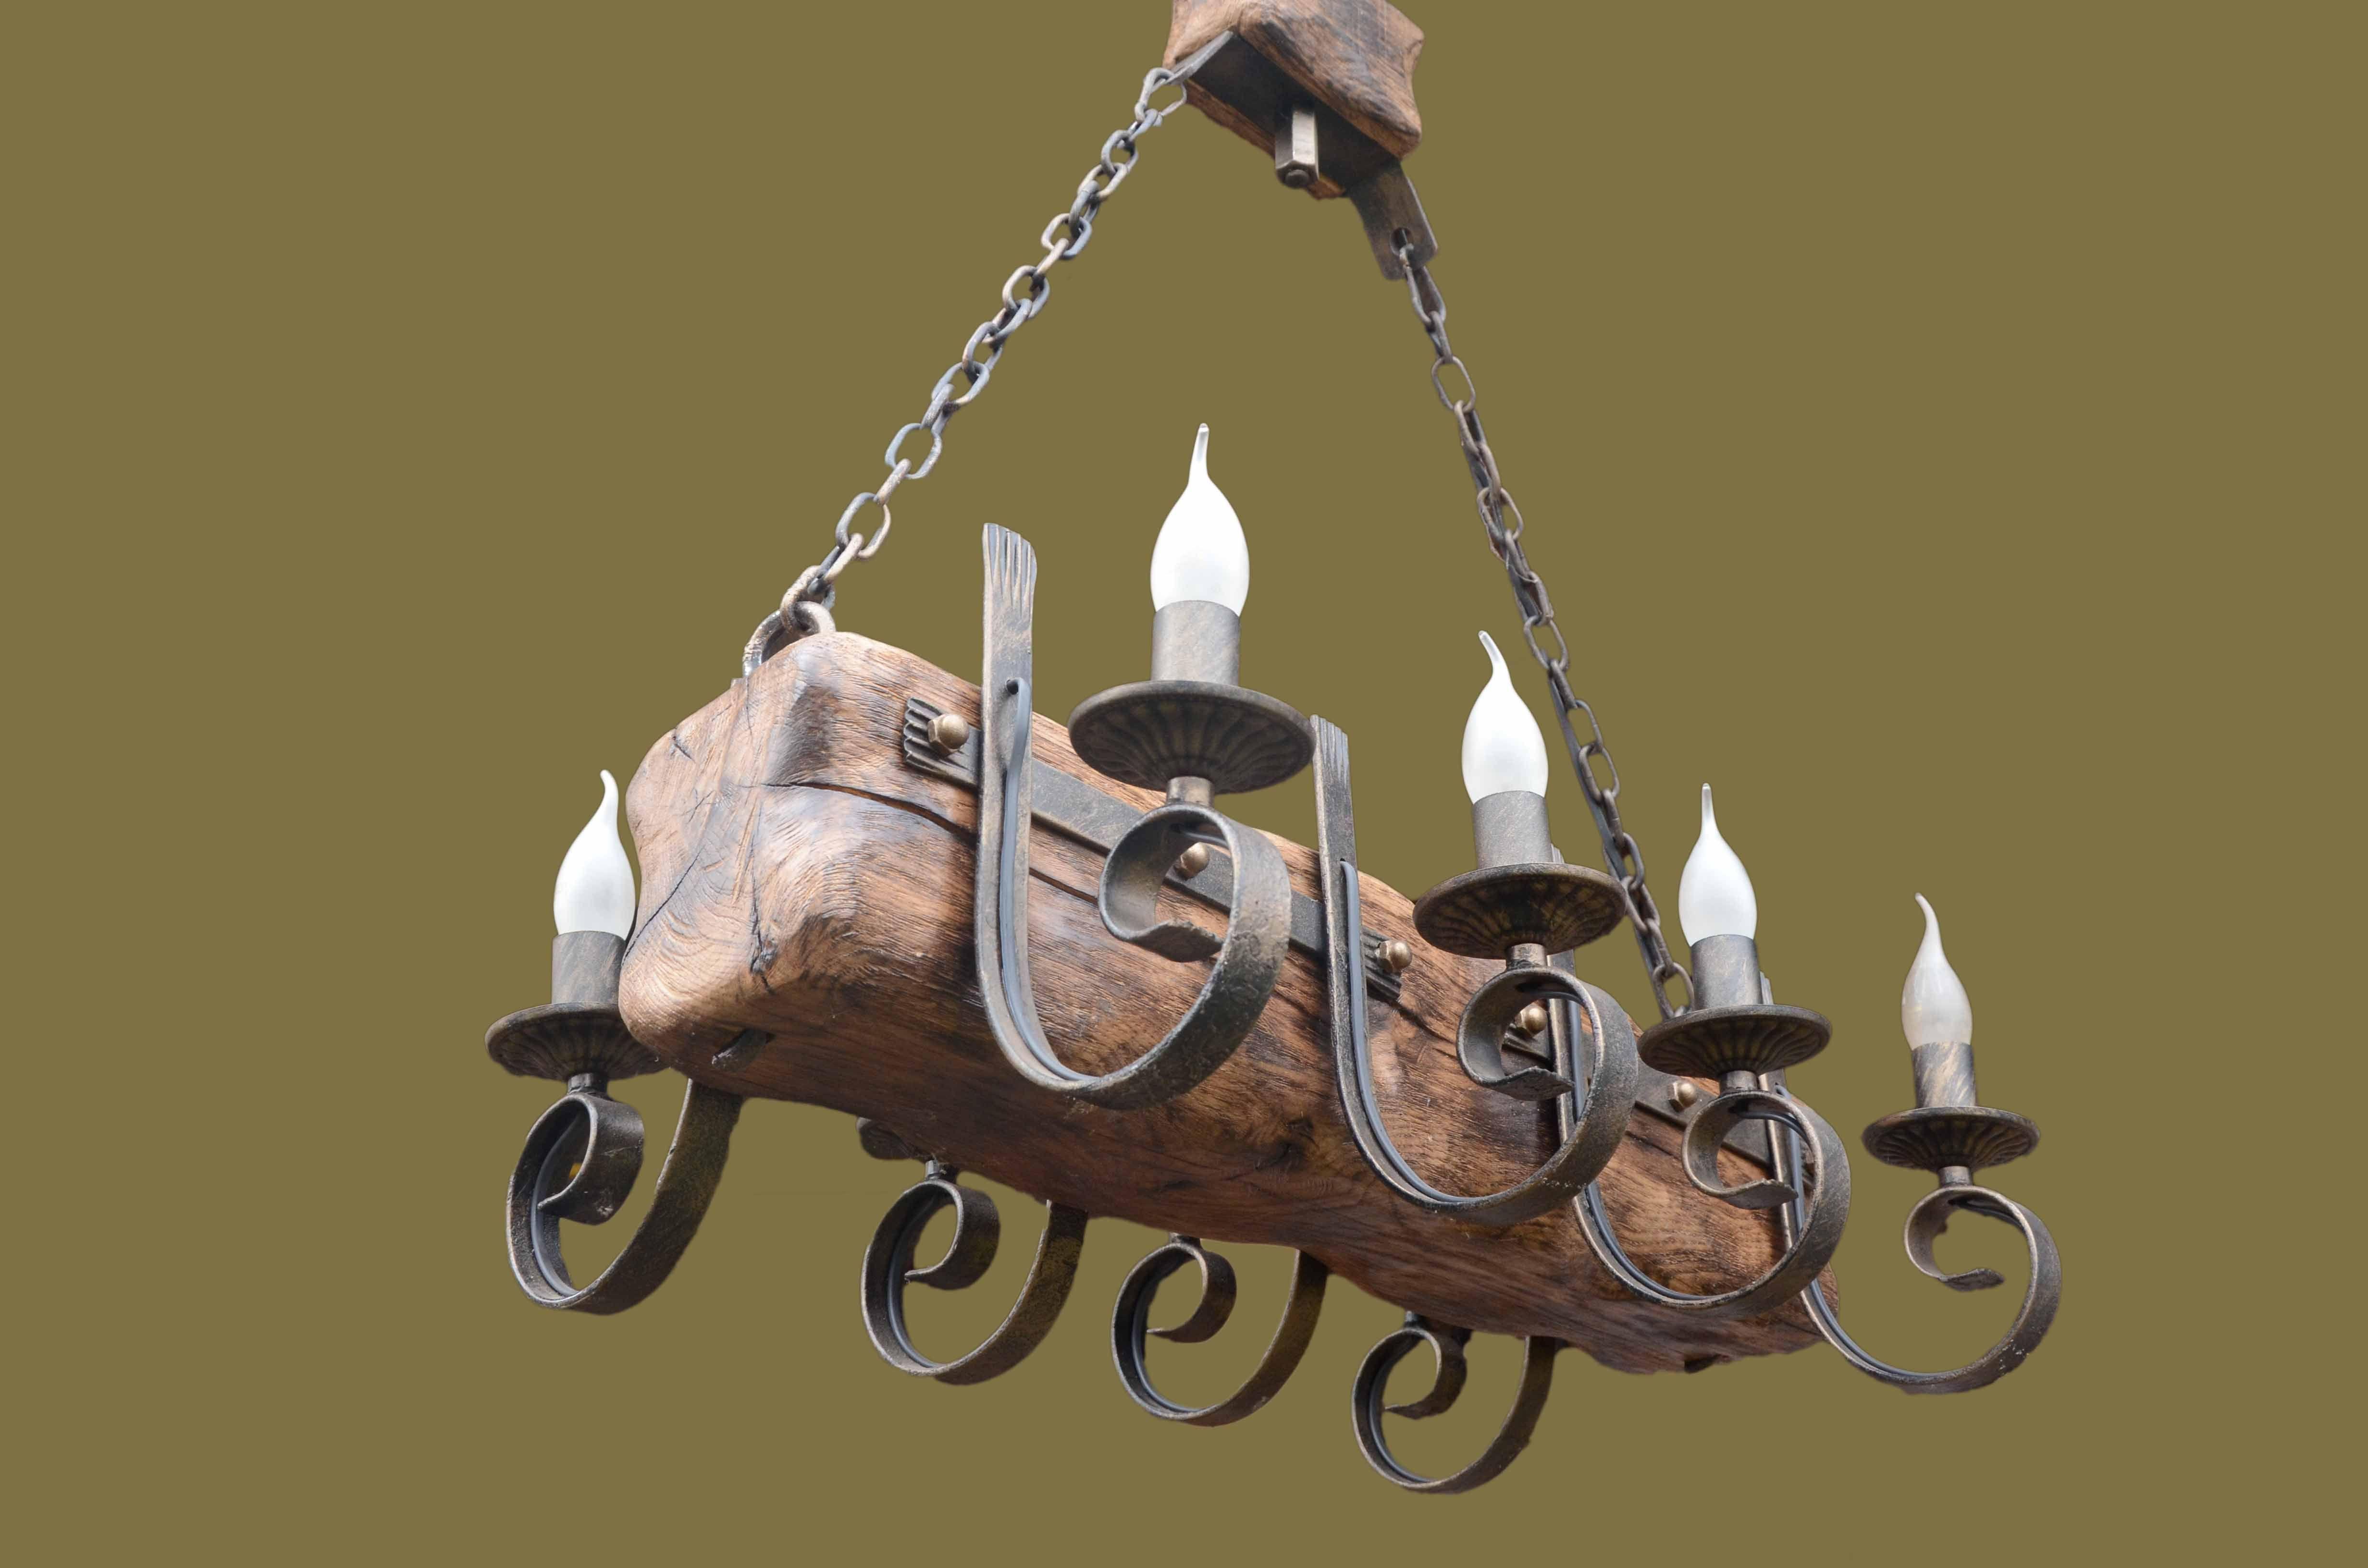 Rustikale esszimmerbeleuchtung ideen Модель Кованая люстра isfir бревно  свечек Производитель isfir